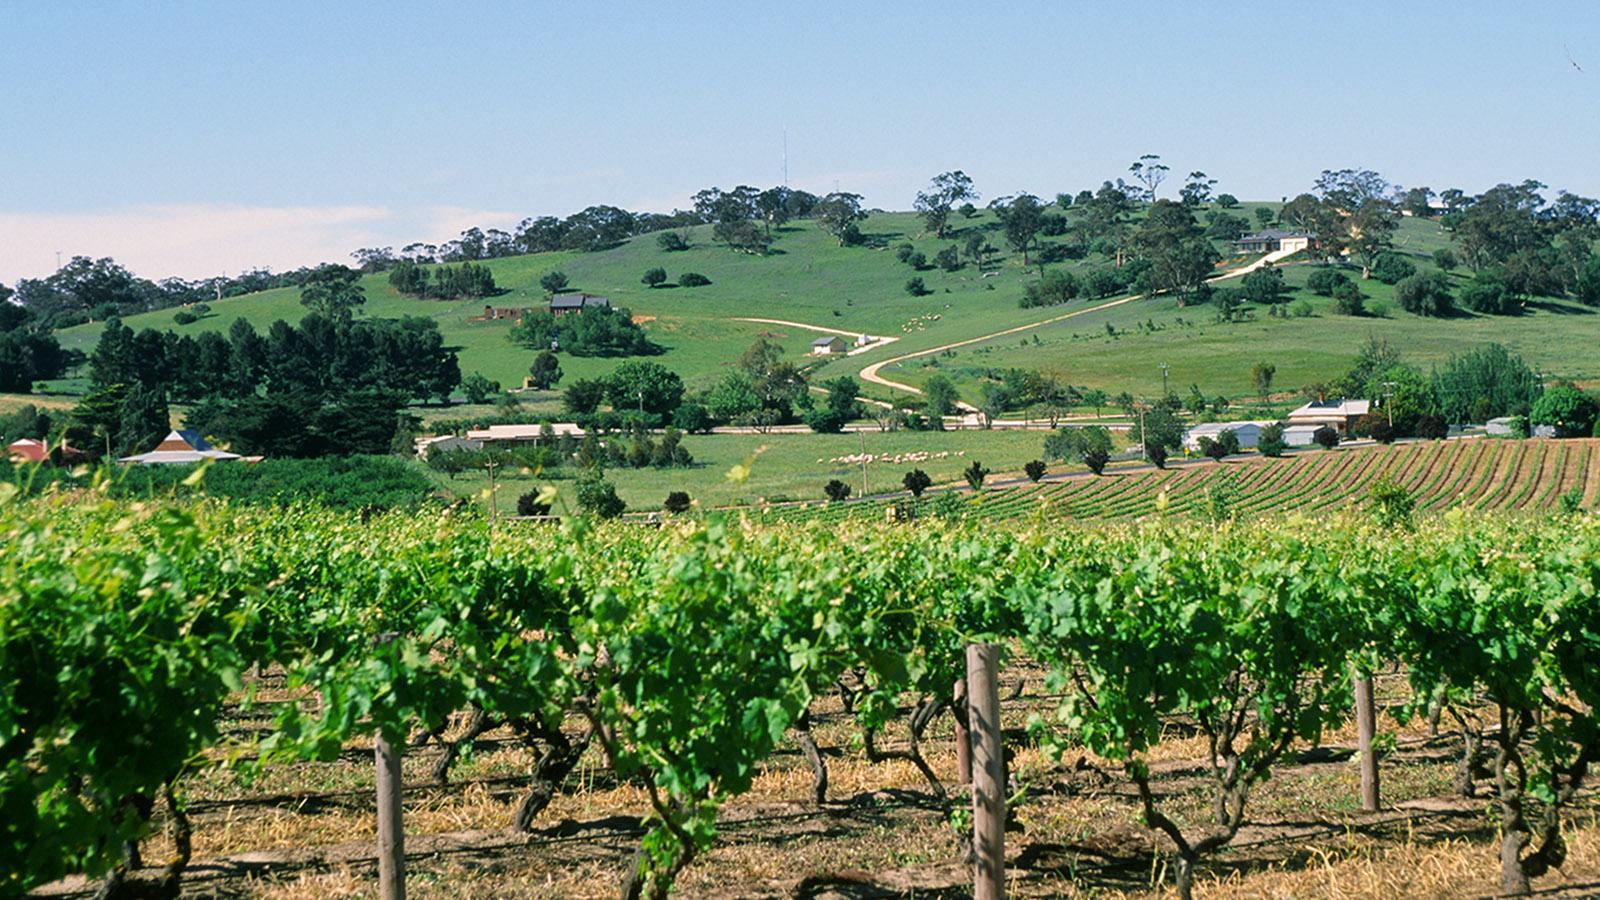 Südaustralien, Barossa Valley: die Weingärten von Chateau Yalumba. Foto: Hilke Maunder